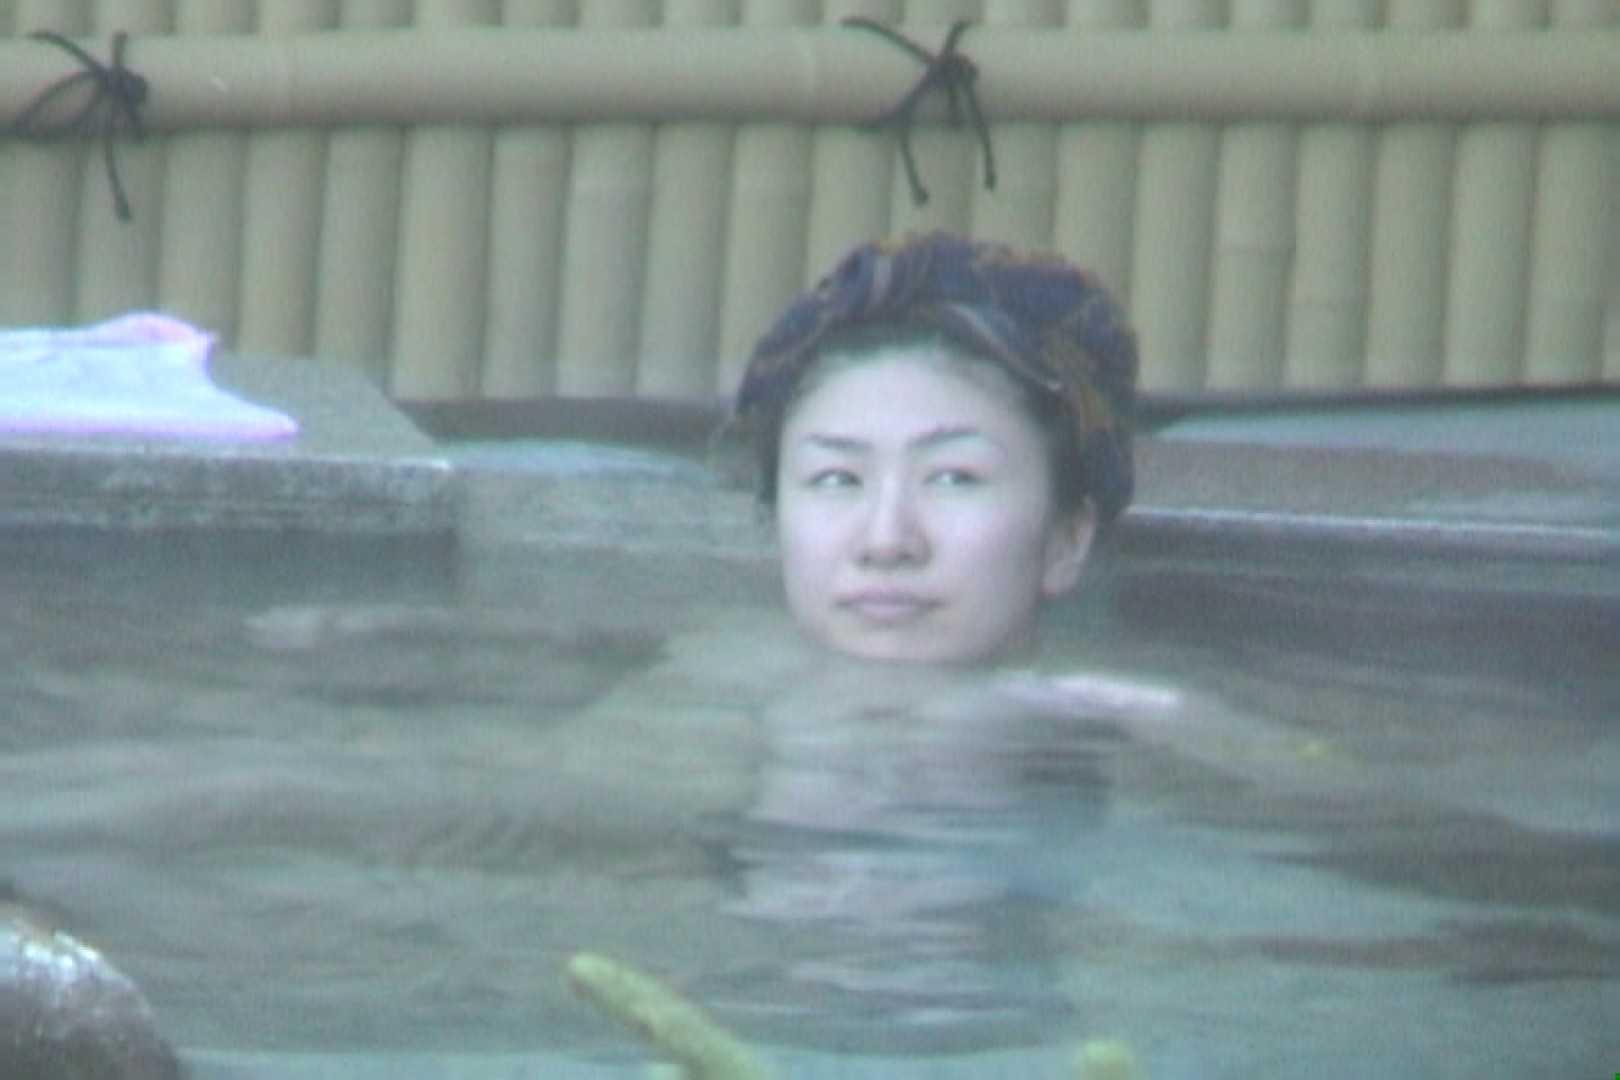 Aquaな露天風呂Vol.607 女体盗撮 | 露天  56連発 4